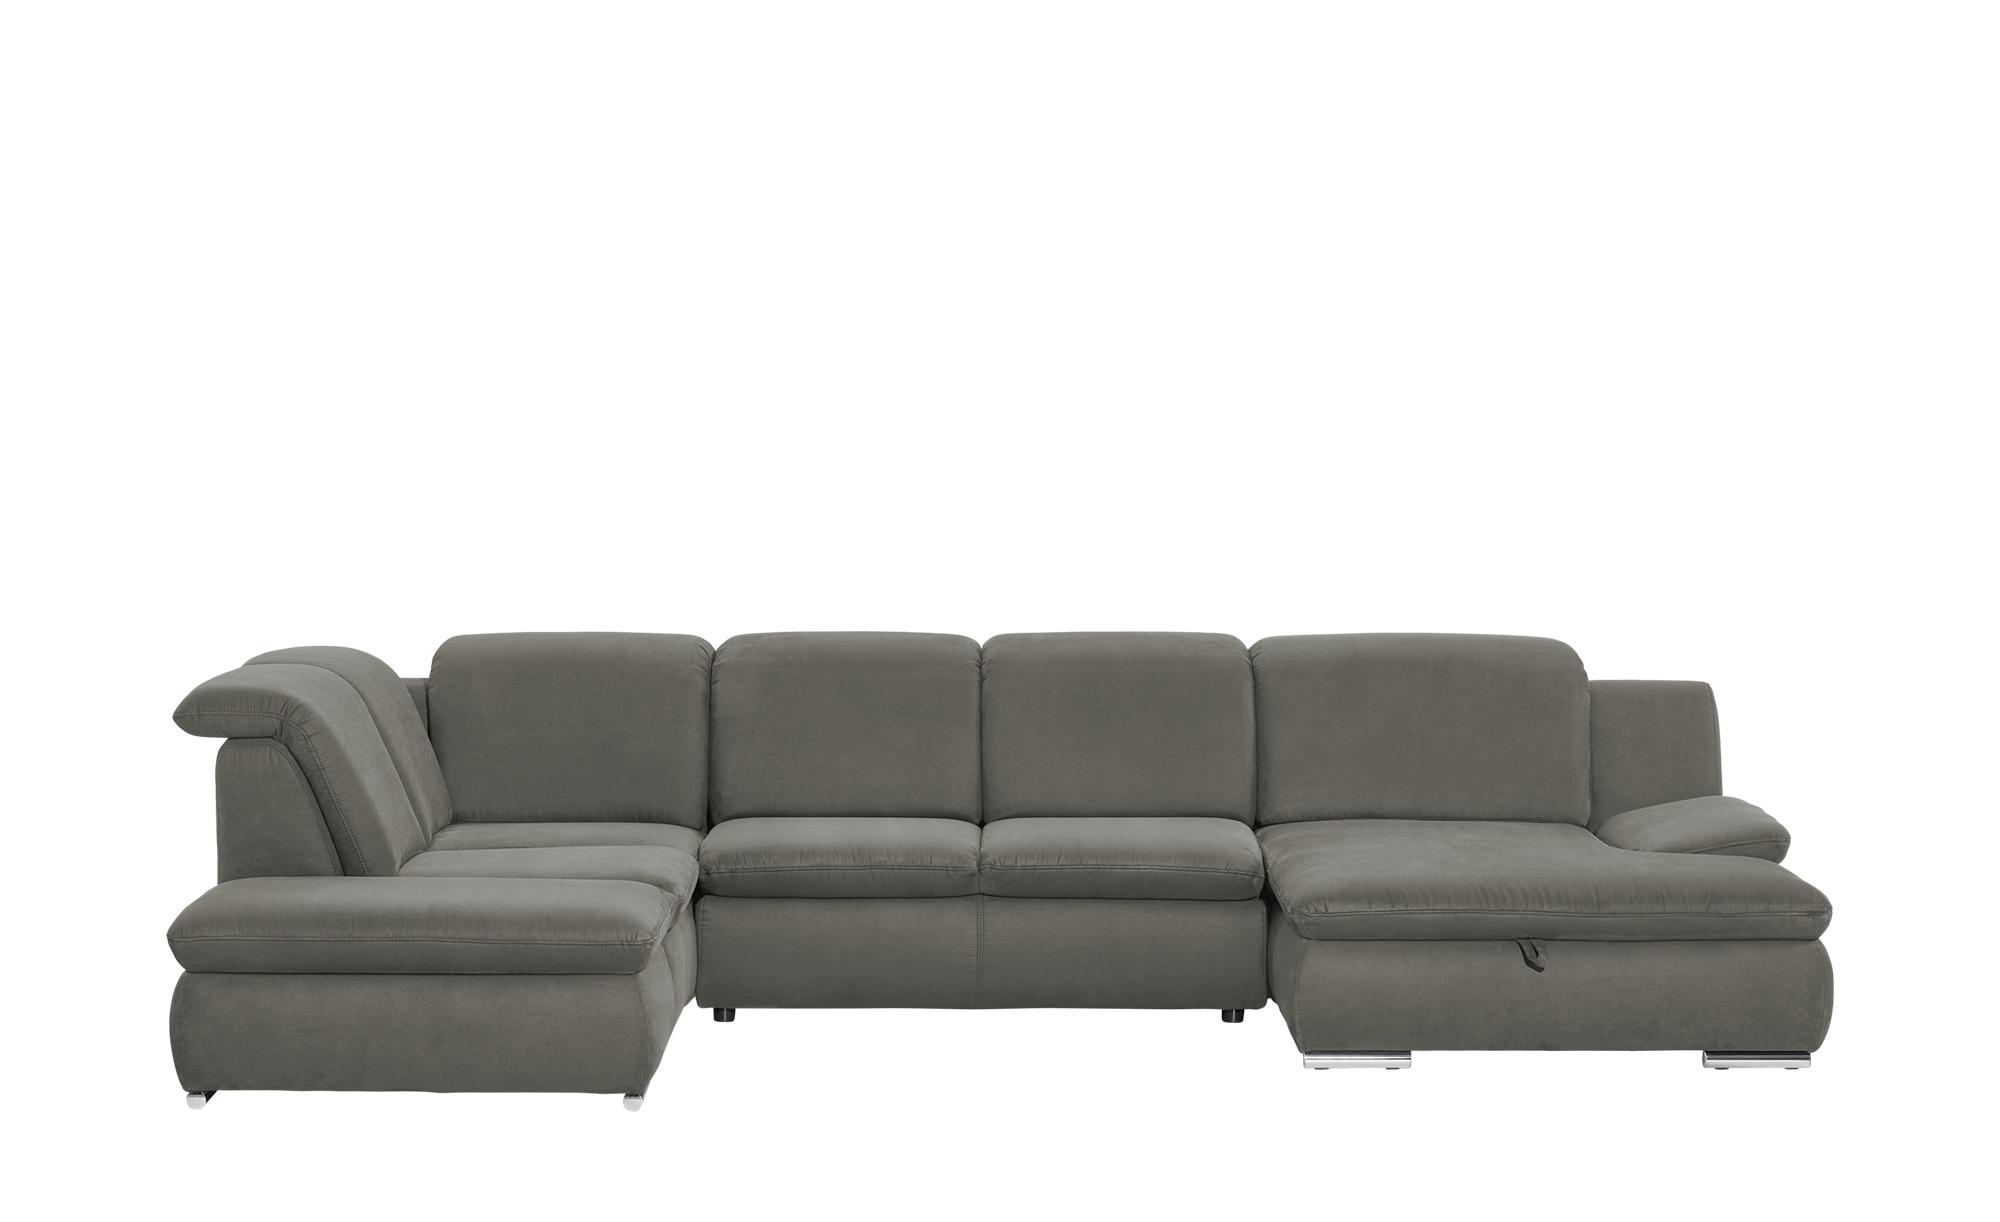 Flensburg Design Sofa Leder Chesterfield Sofa Bed Velvet Couch